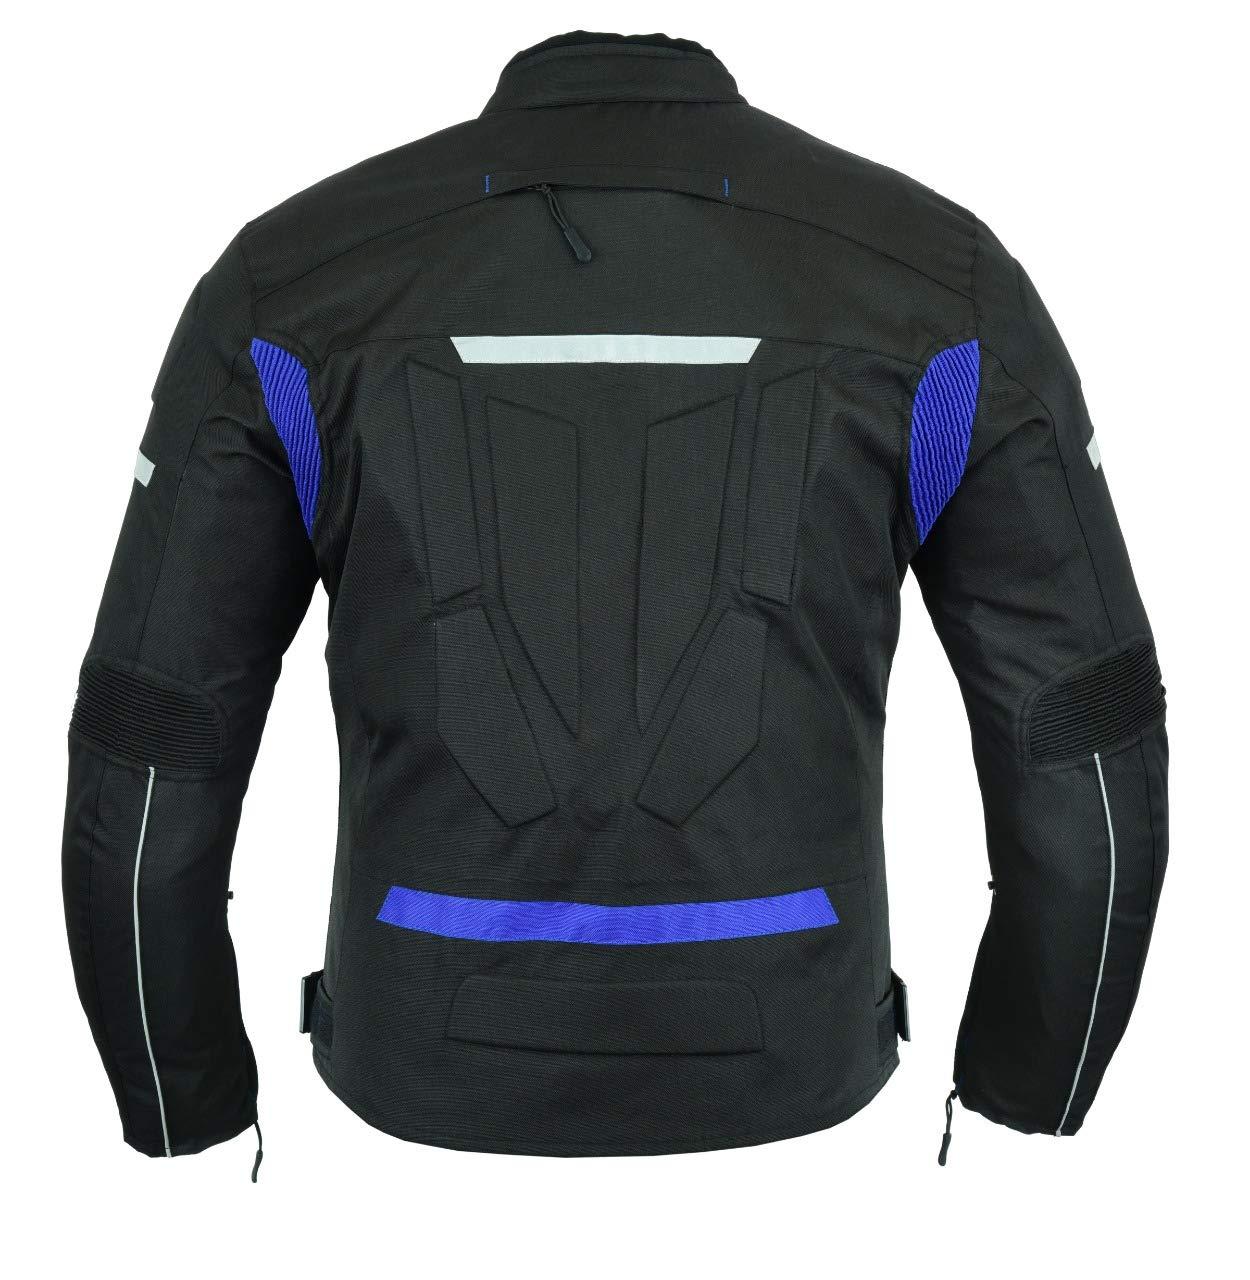 Motocicletta blindata alta protezione ecopelle pieno fiore colore Nero//Blu//Bianco Armour tk-1725bl